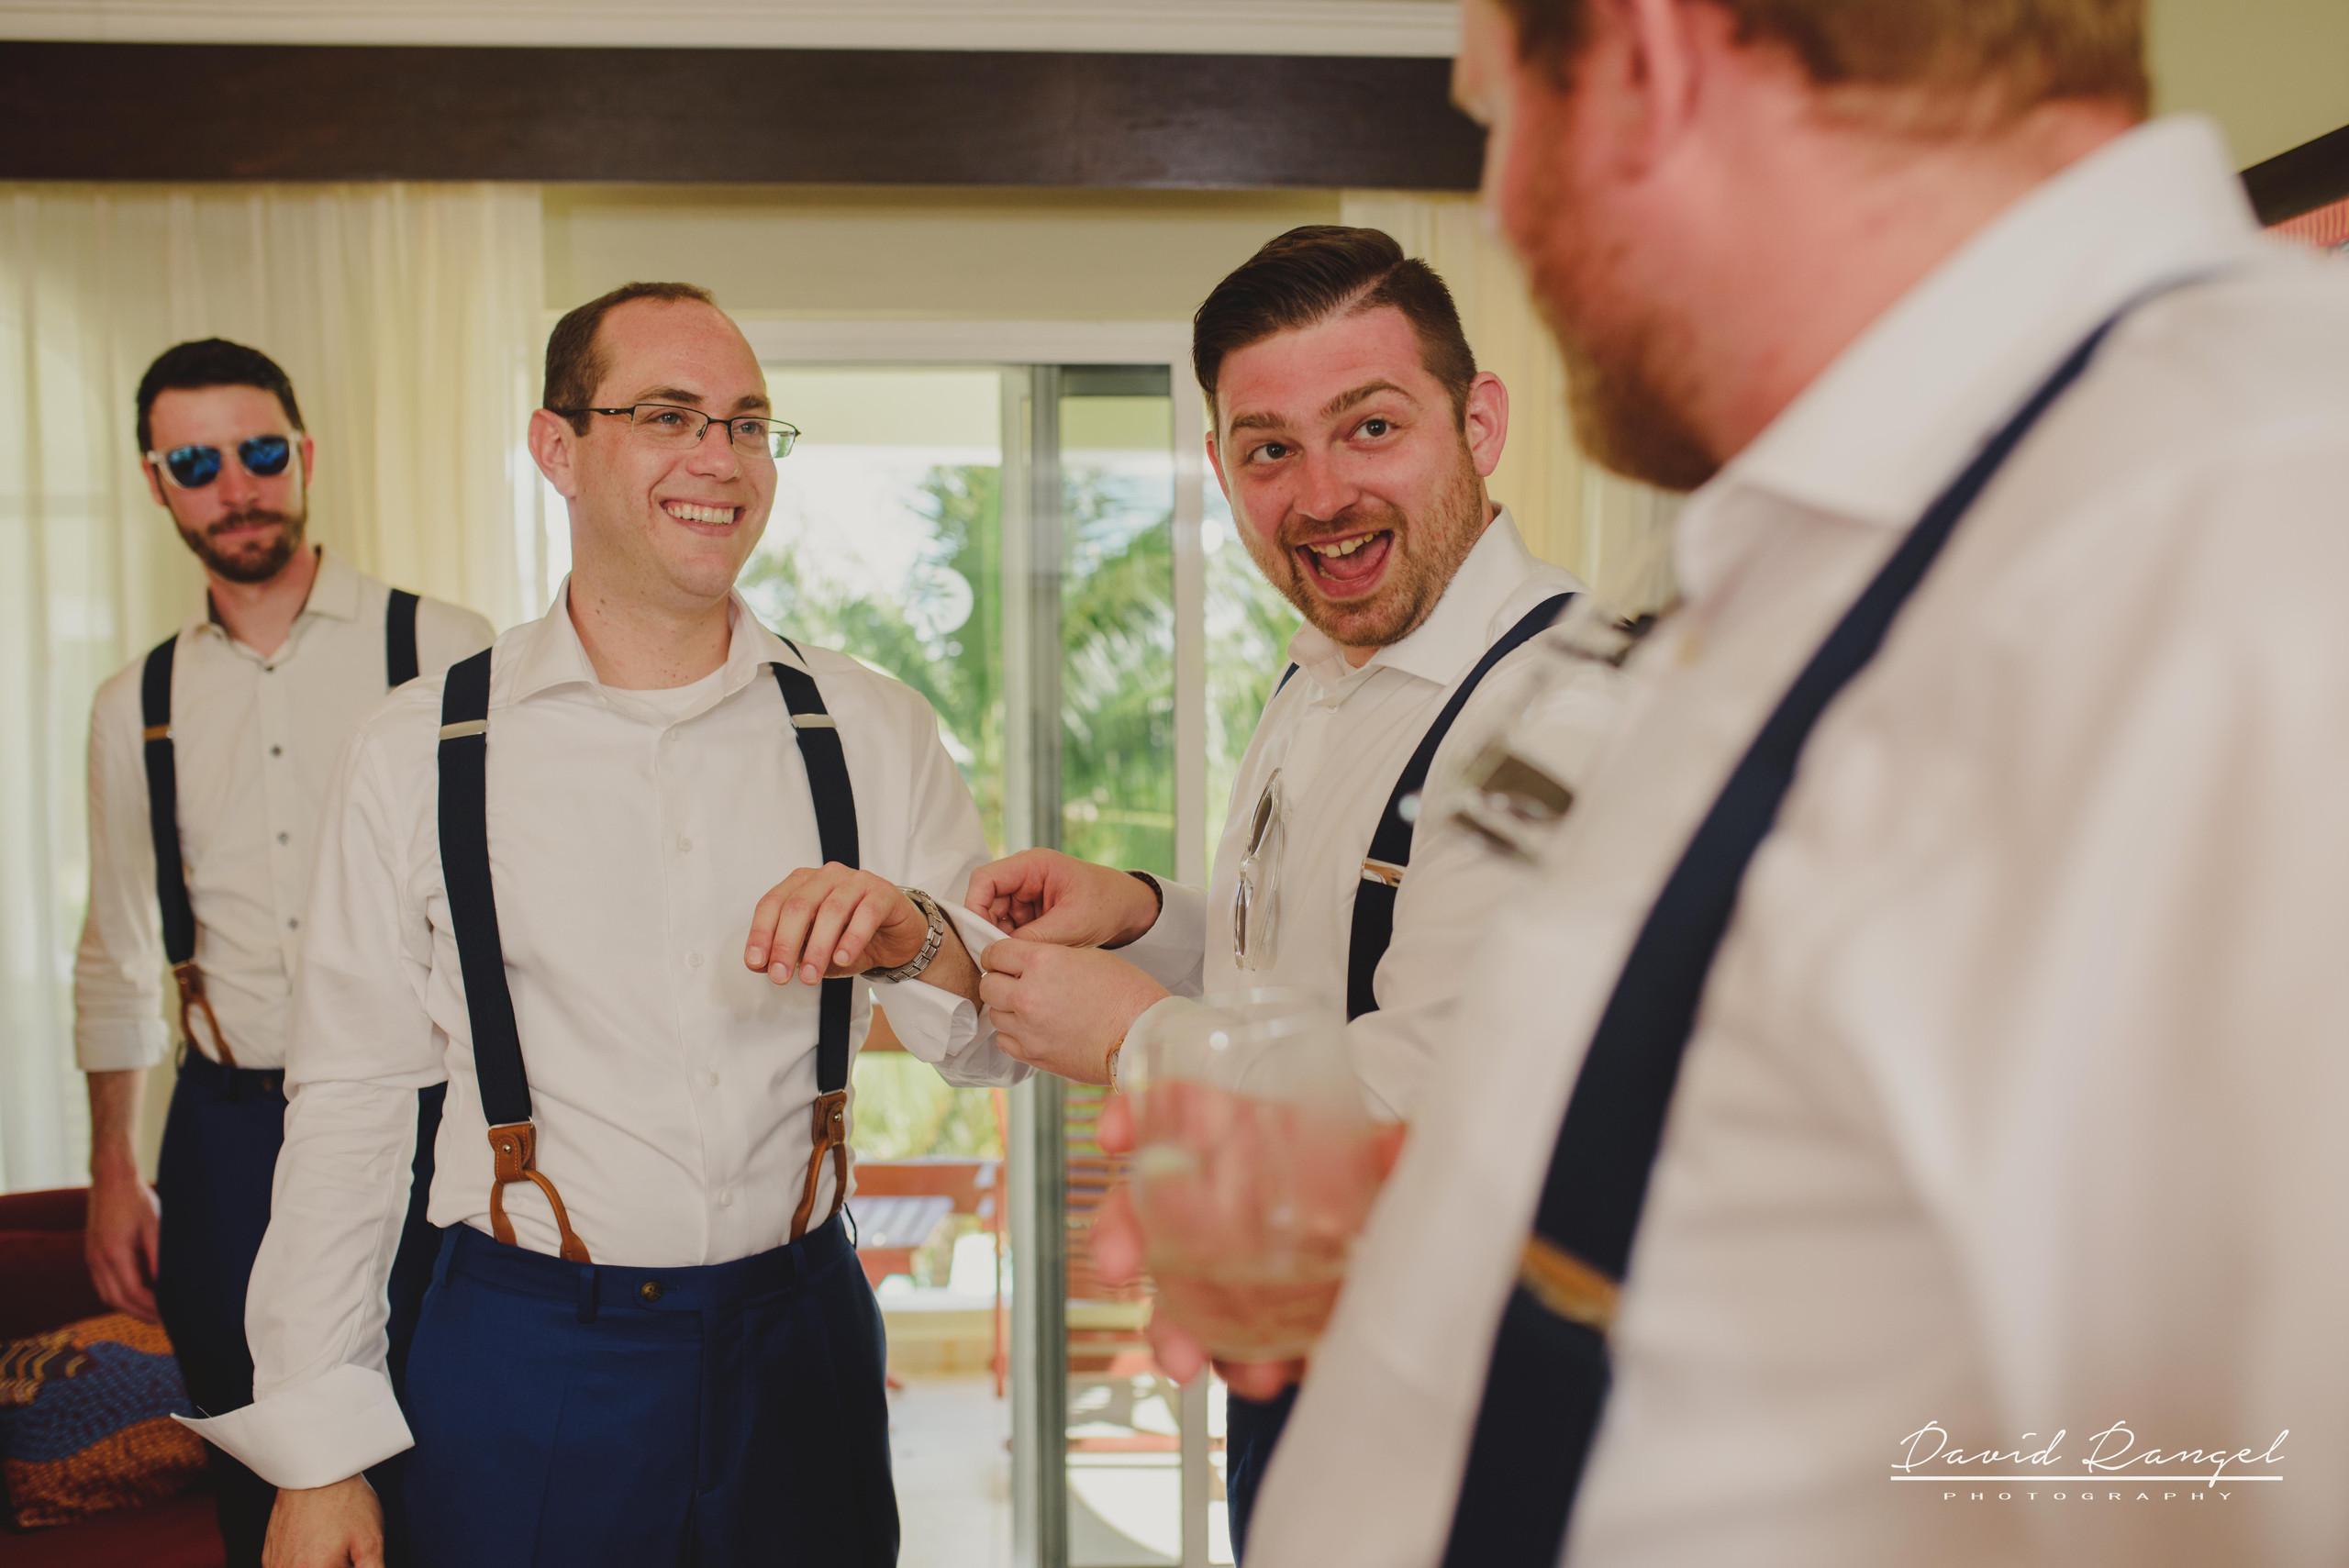 groom+groomsmens+getting+ready+room+photo+suit+crew